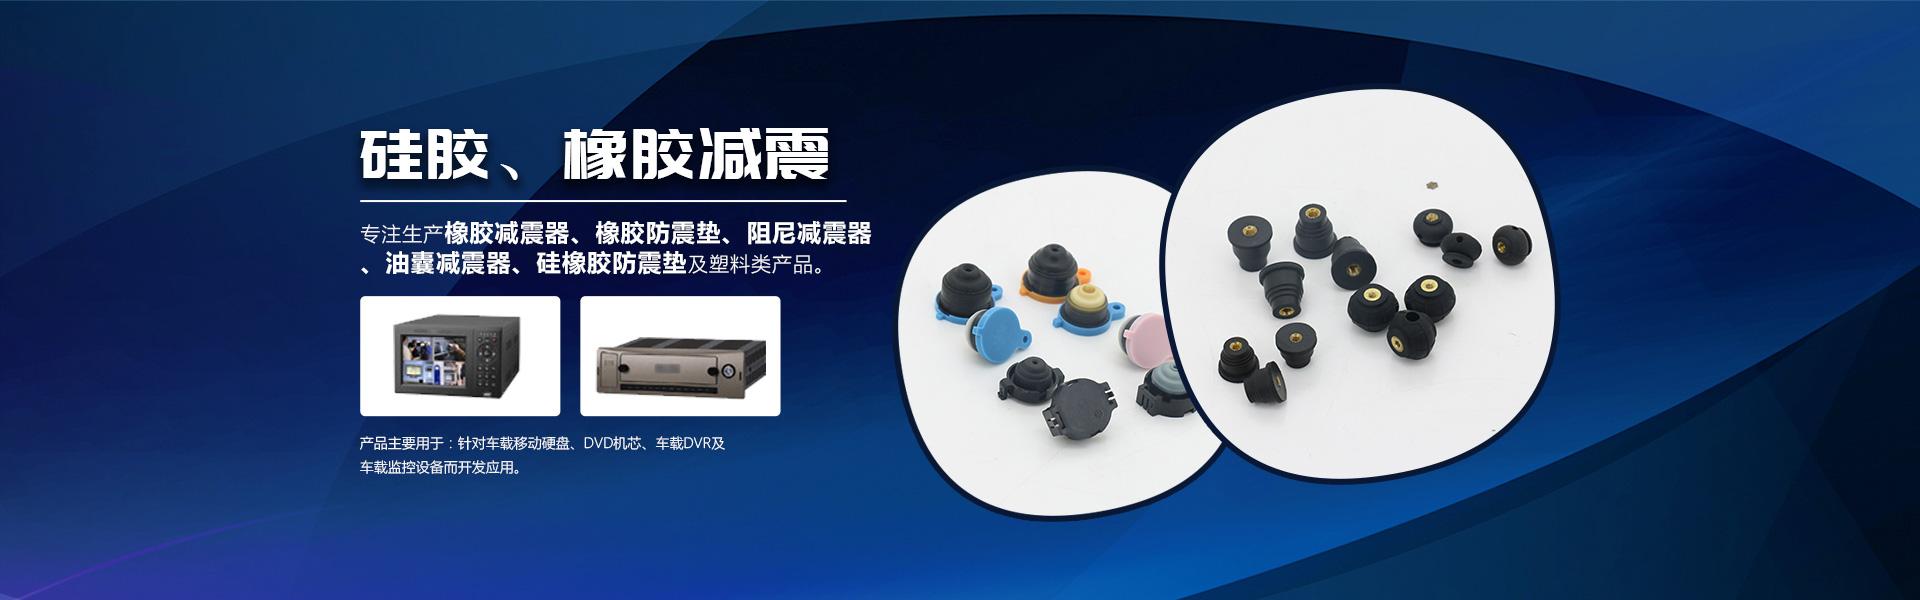 塑胶减震器厂家